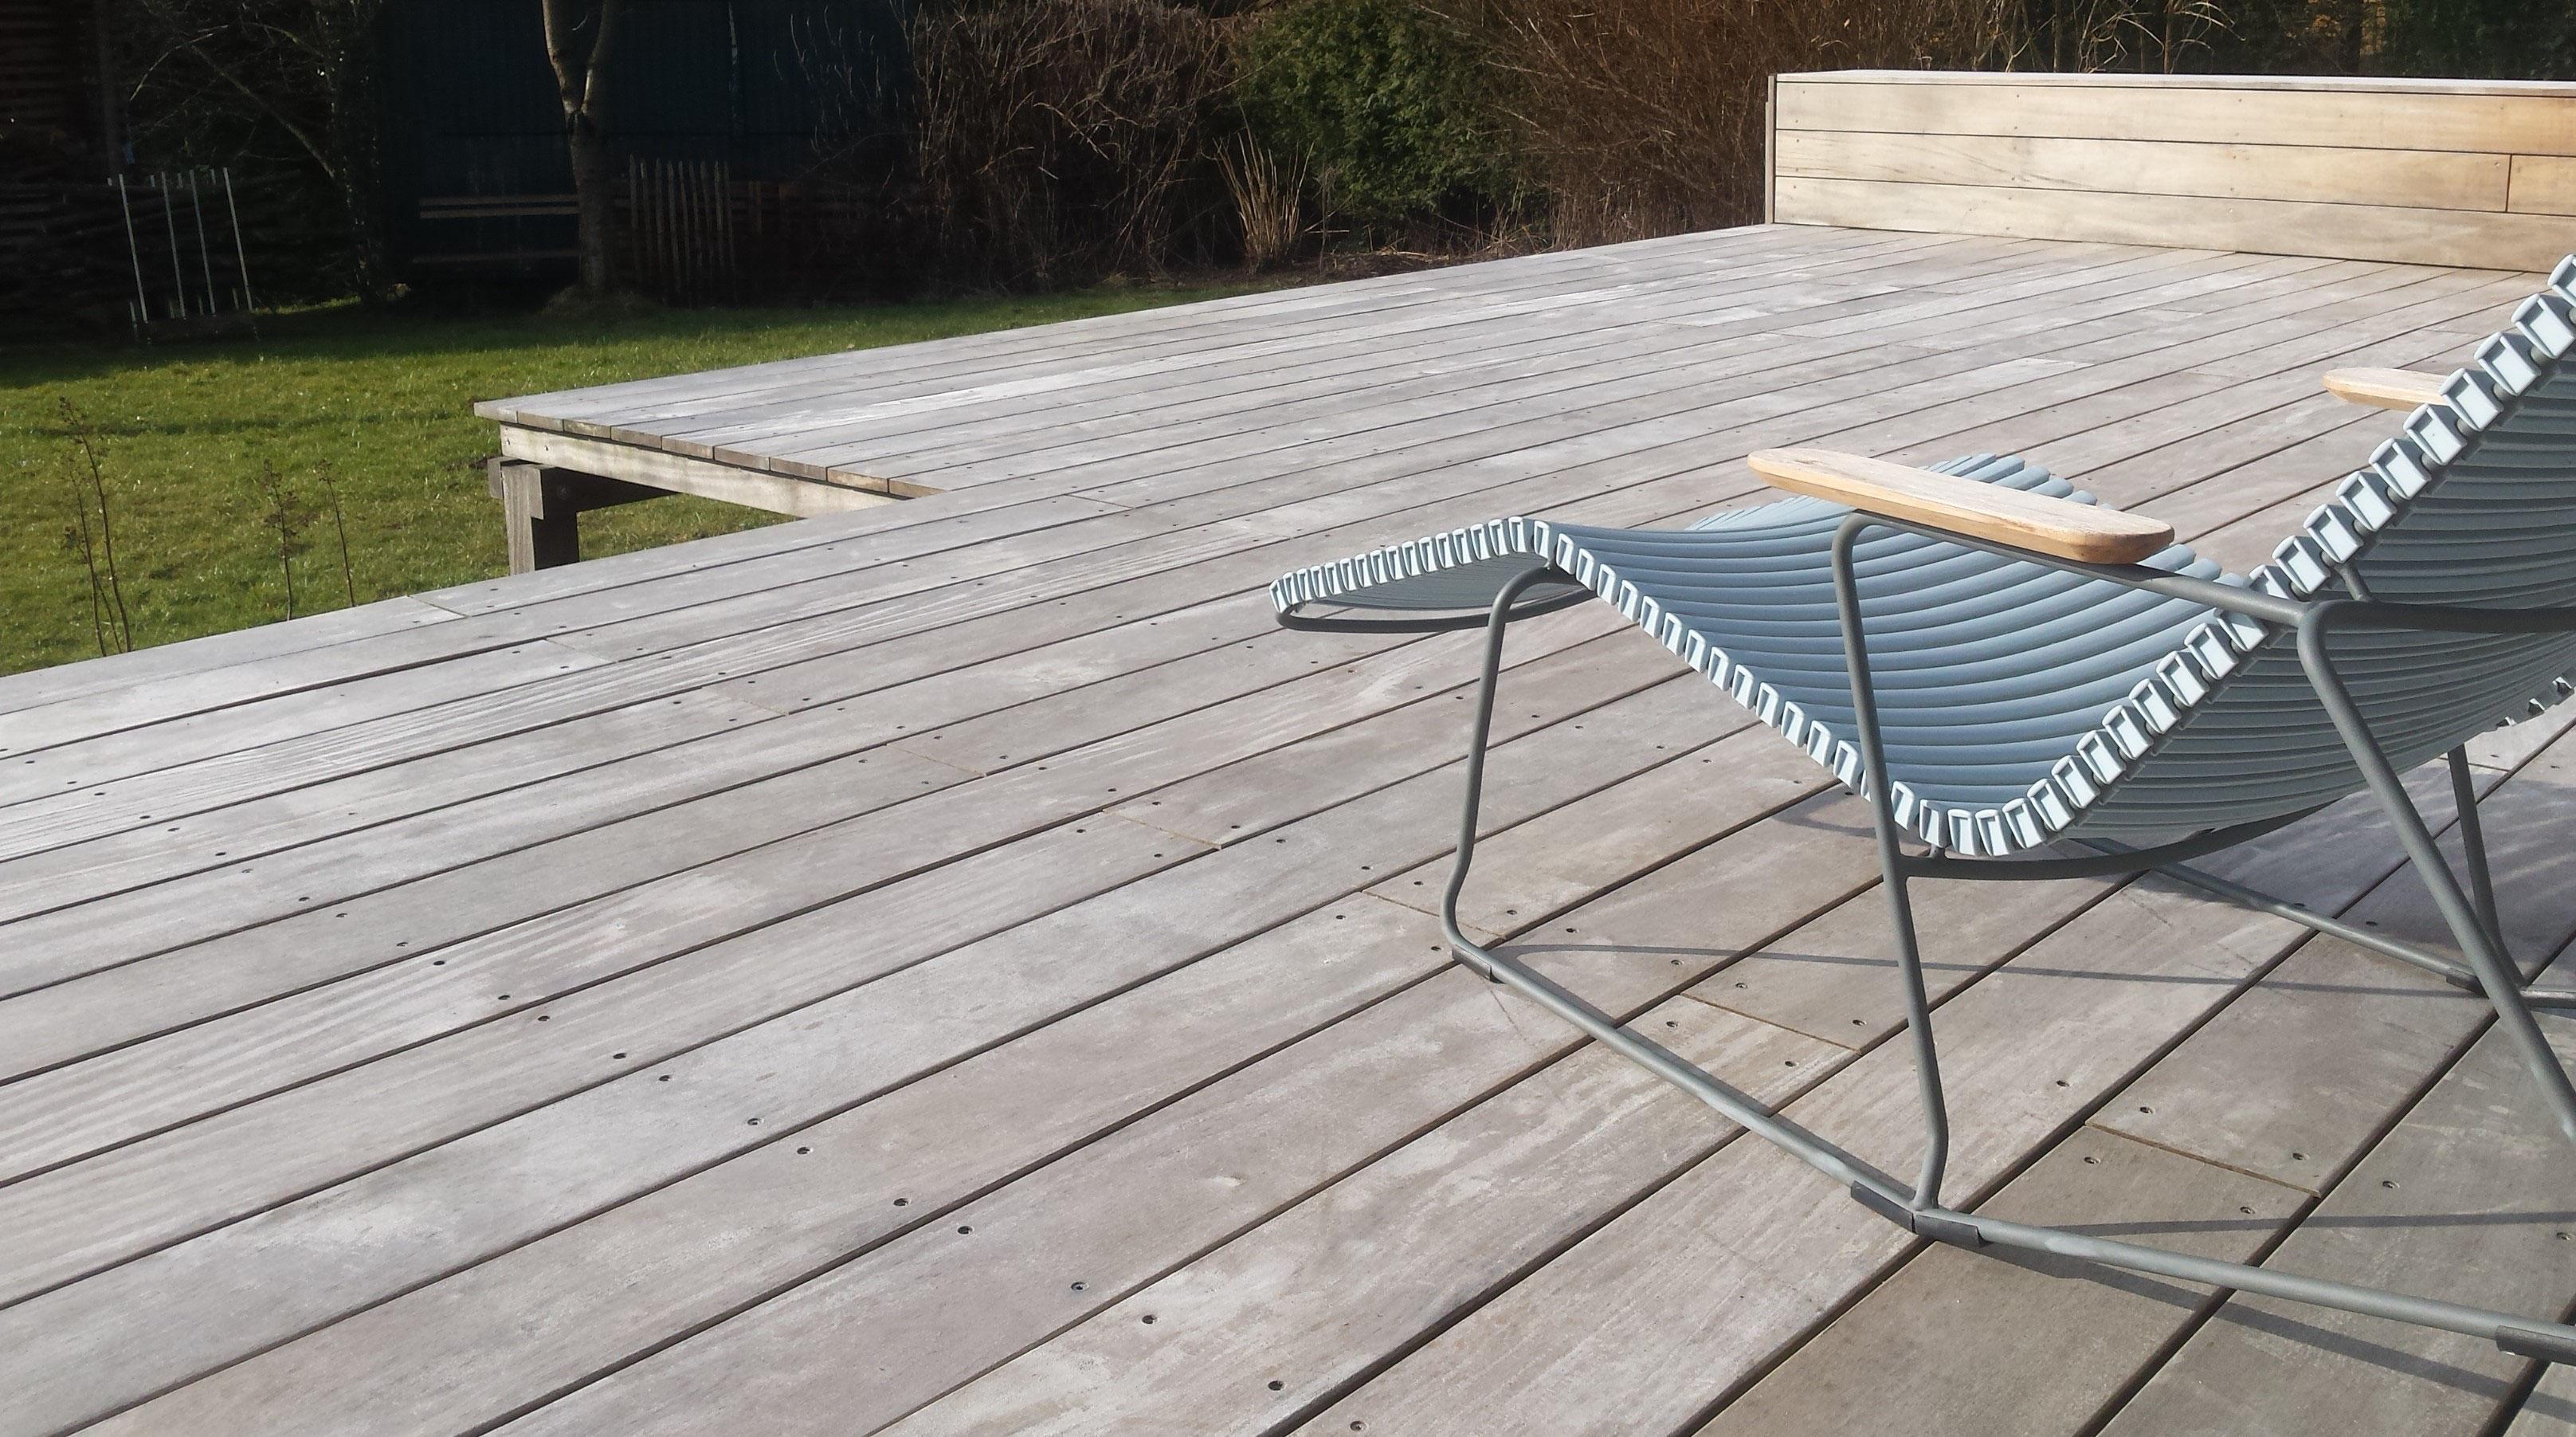 Holzterrasse reinigen - Holz-Jaeger - Haus und Garten